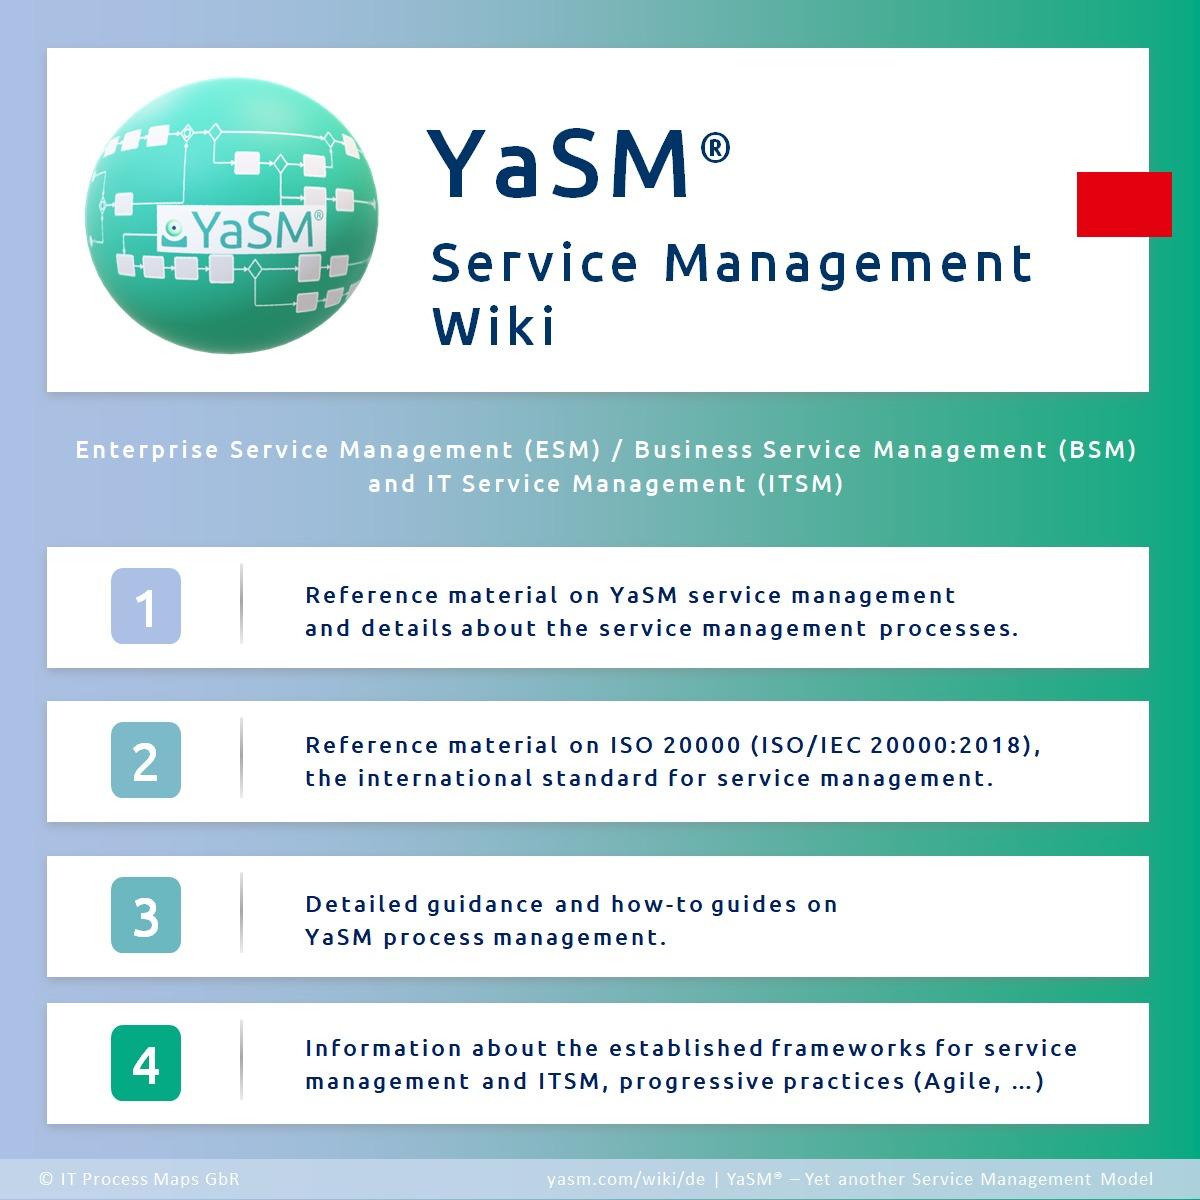 Yasm Wiki